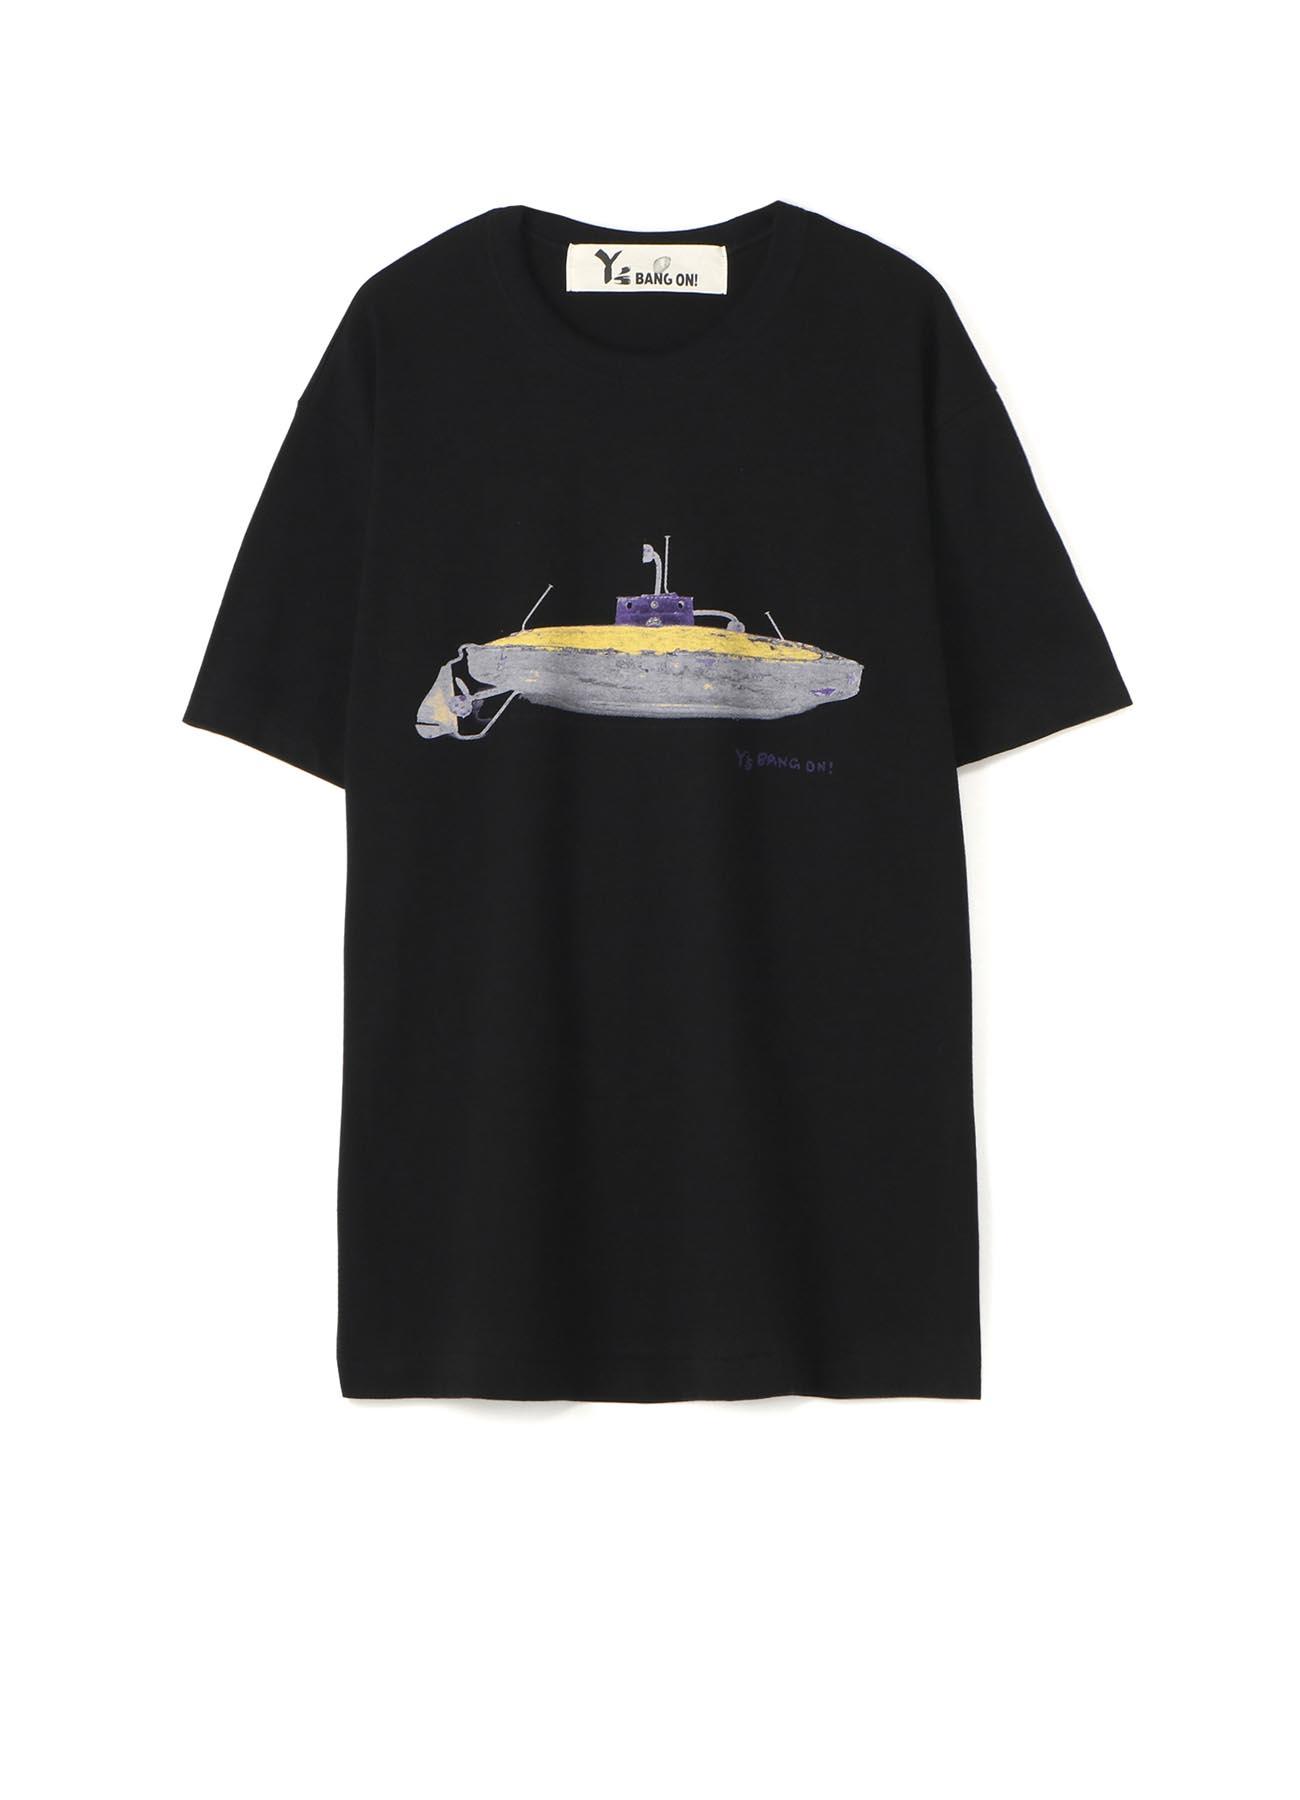 Y's 'S BANG ON!潜水艇 T恤